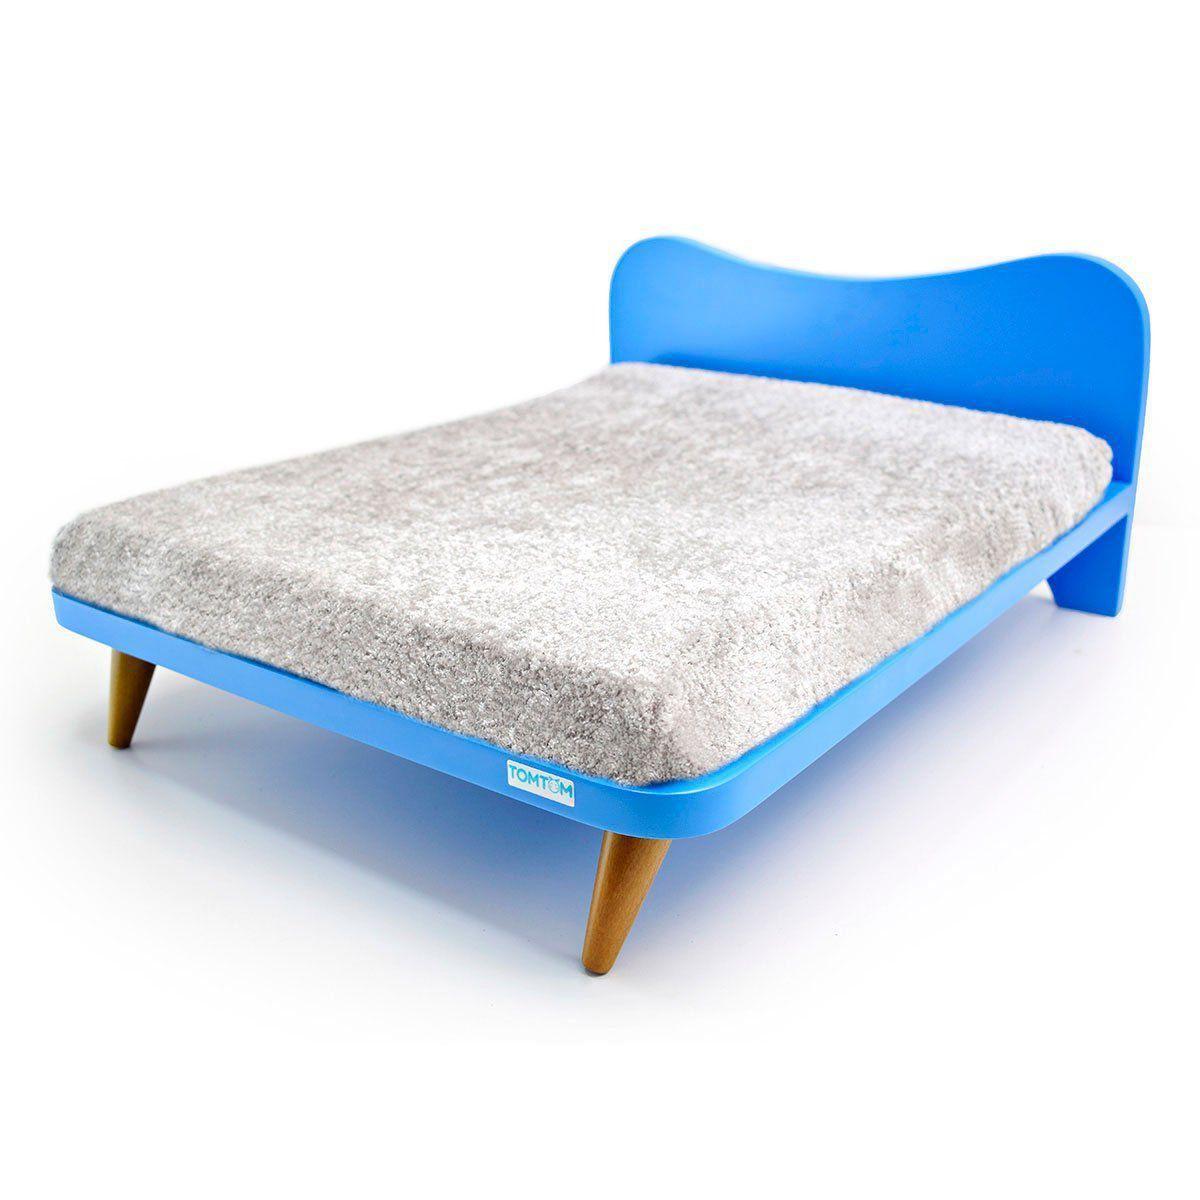 Cama com Almofada Cinza e Cabeceira Azul - P